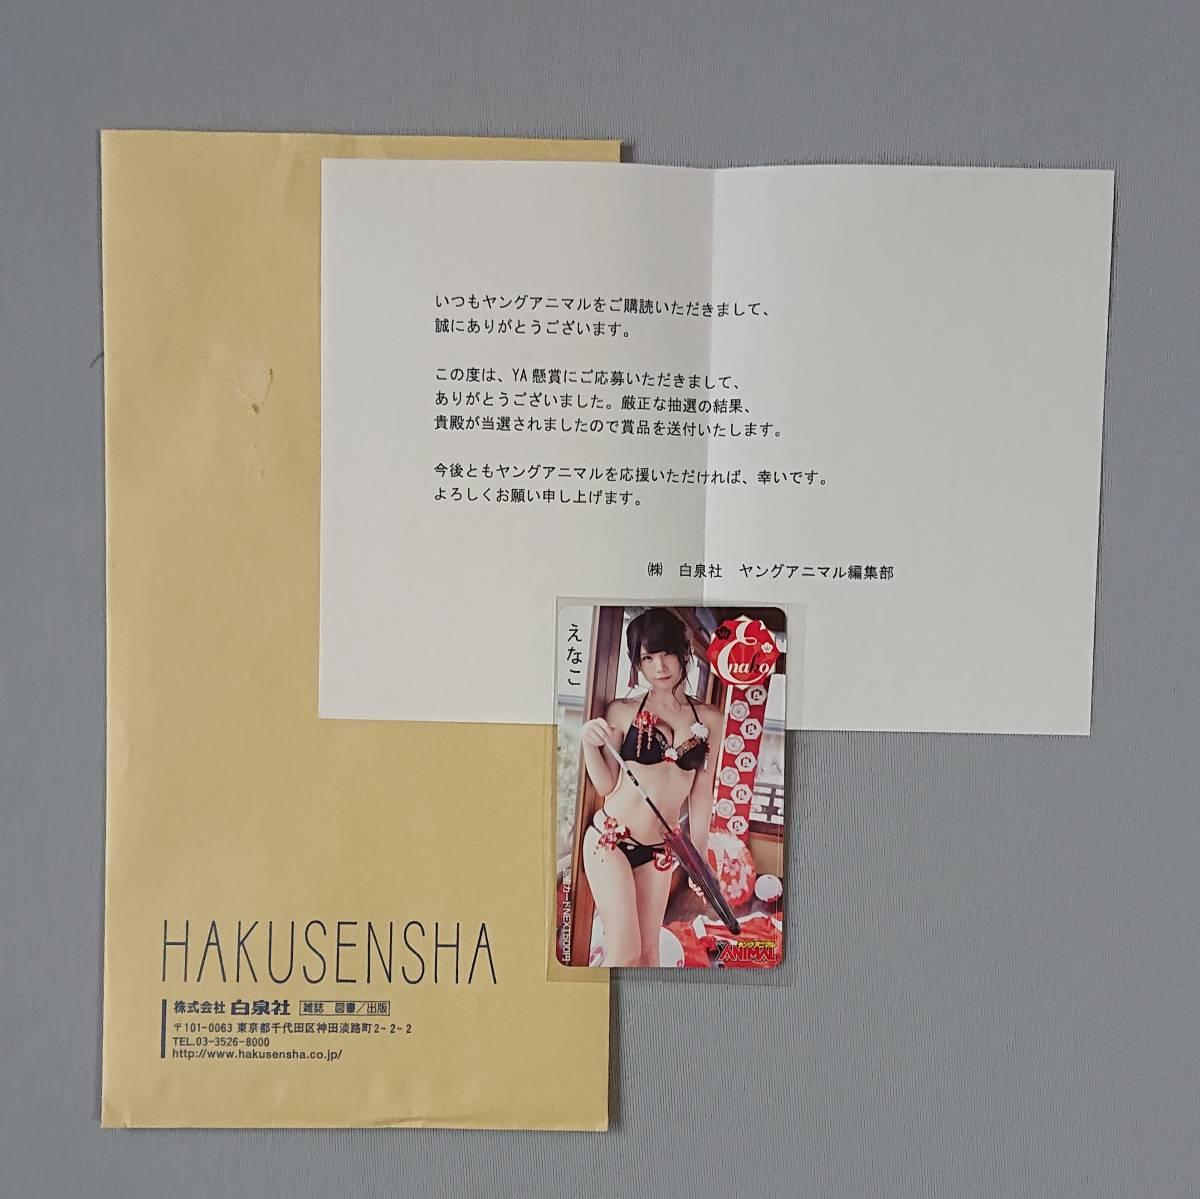 【即決】えなこ 図書カード ヤングアニマル 2021年 1号 抽プレ 当選品 クオカード/抽選プレゼント/非売品_画像1